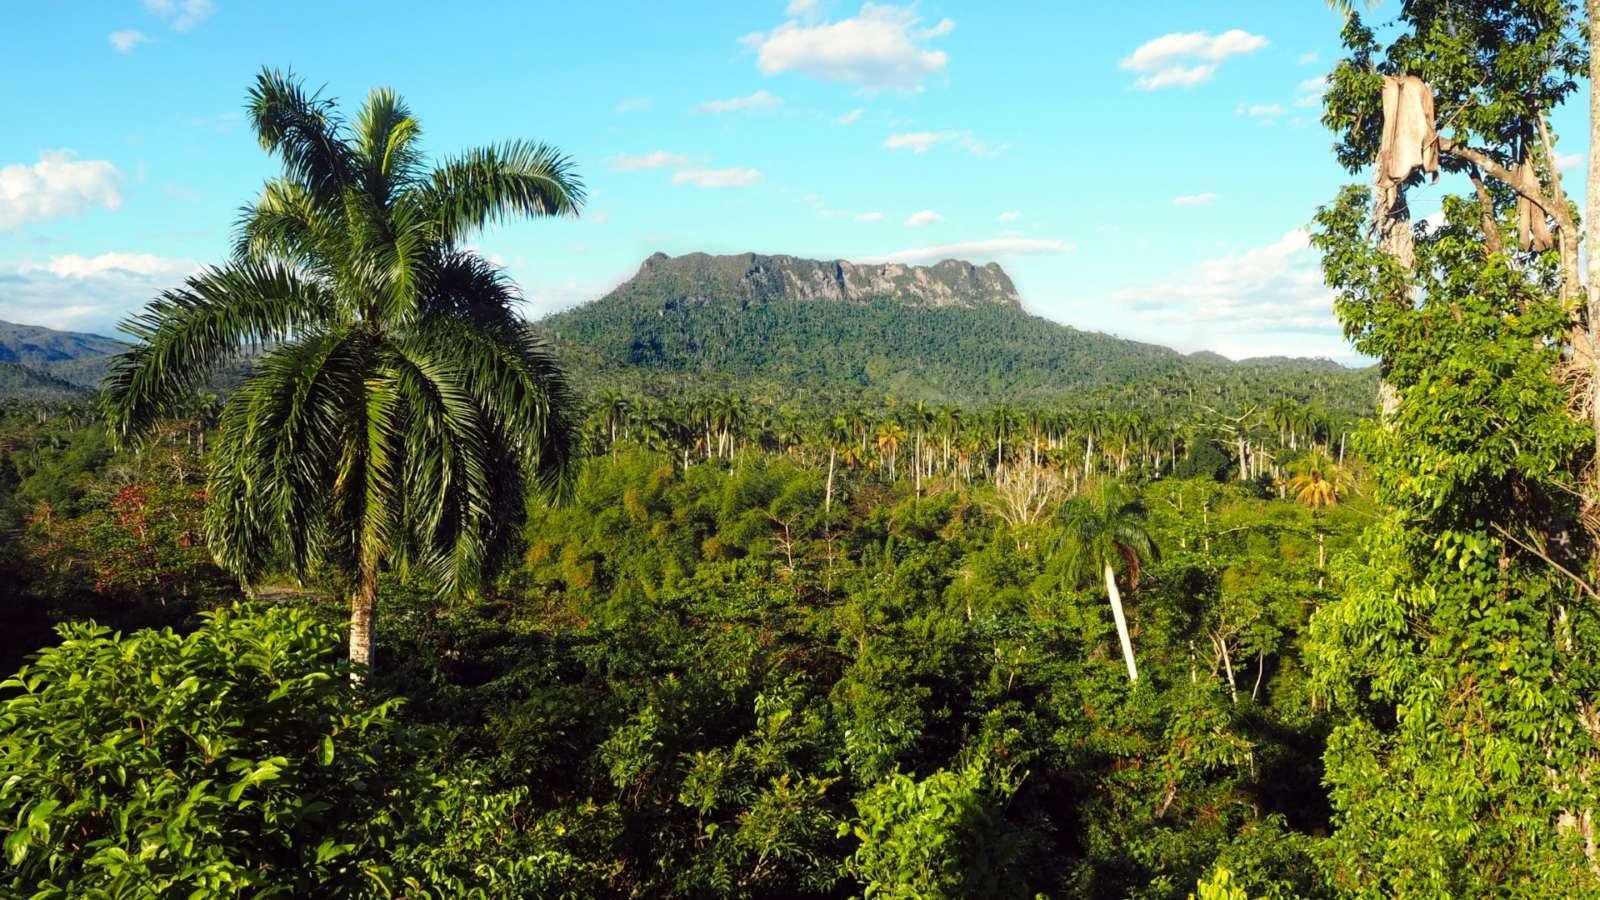 El Yunque mountain near Baracoa